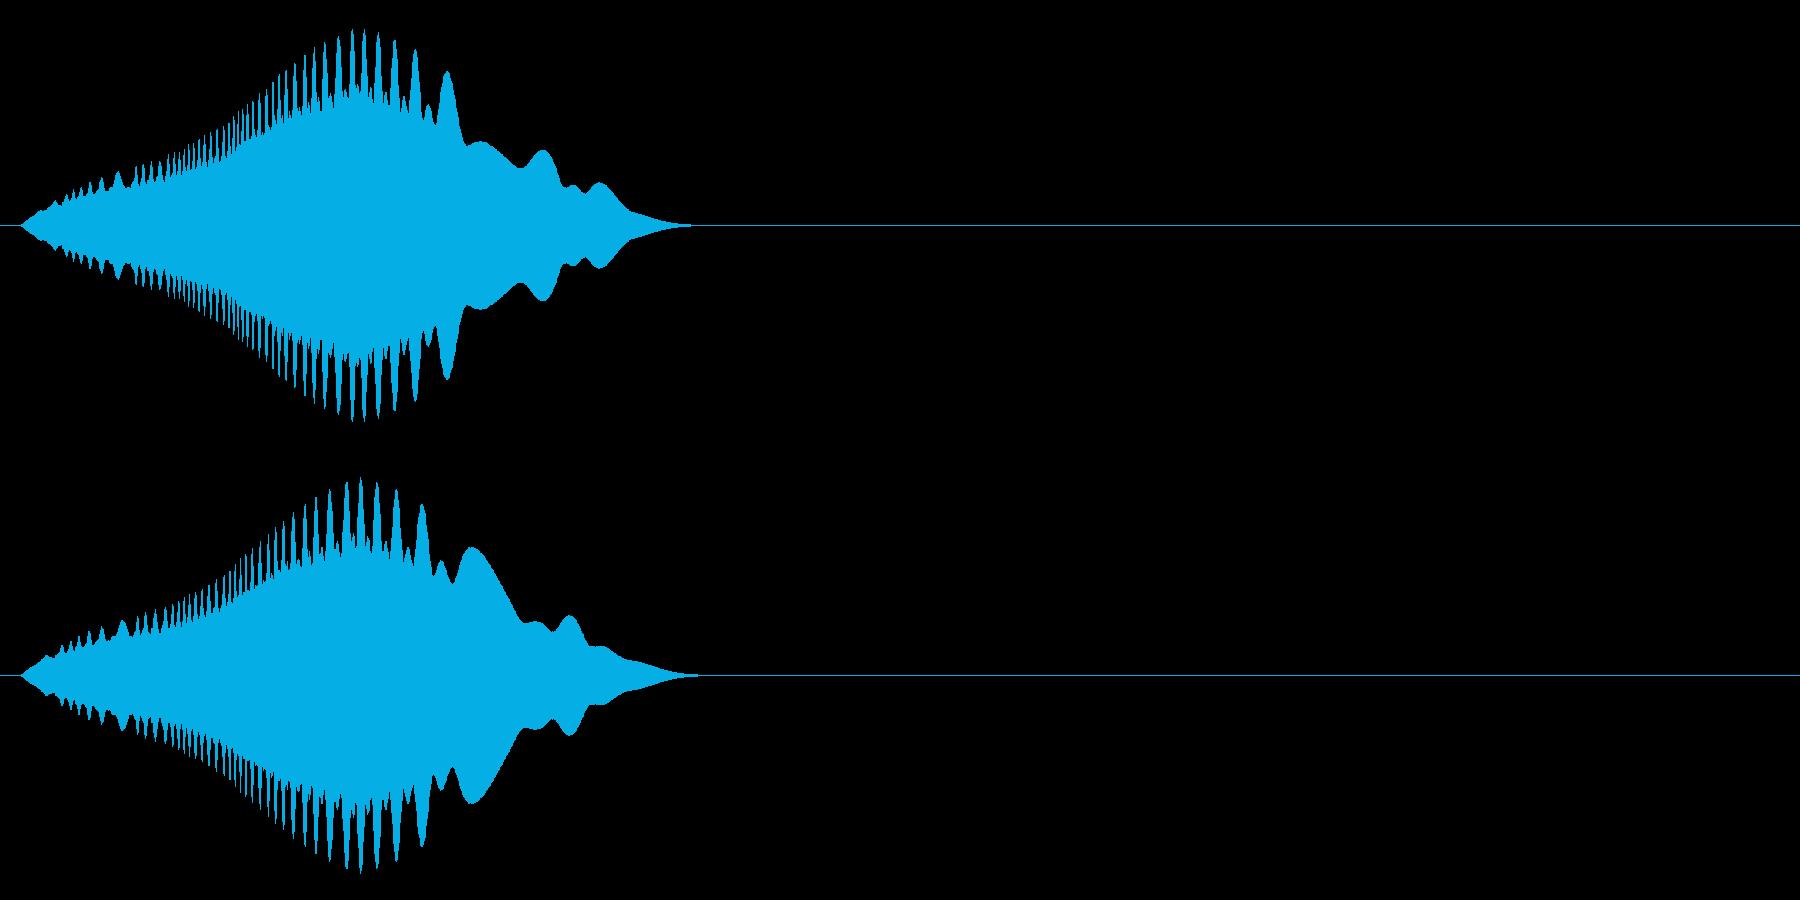 シンプルな効果音 ピィーユ⤵︎ ジャンプの再生済みの波形